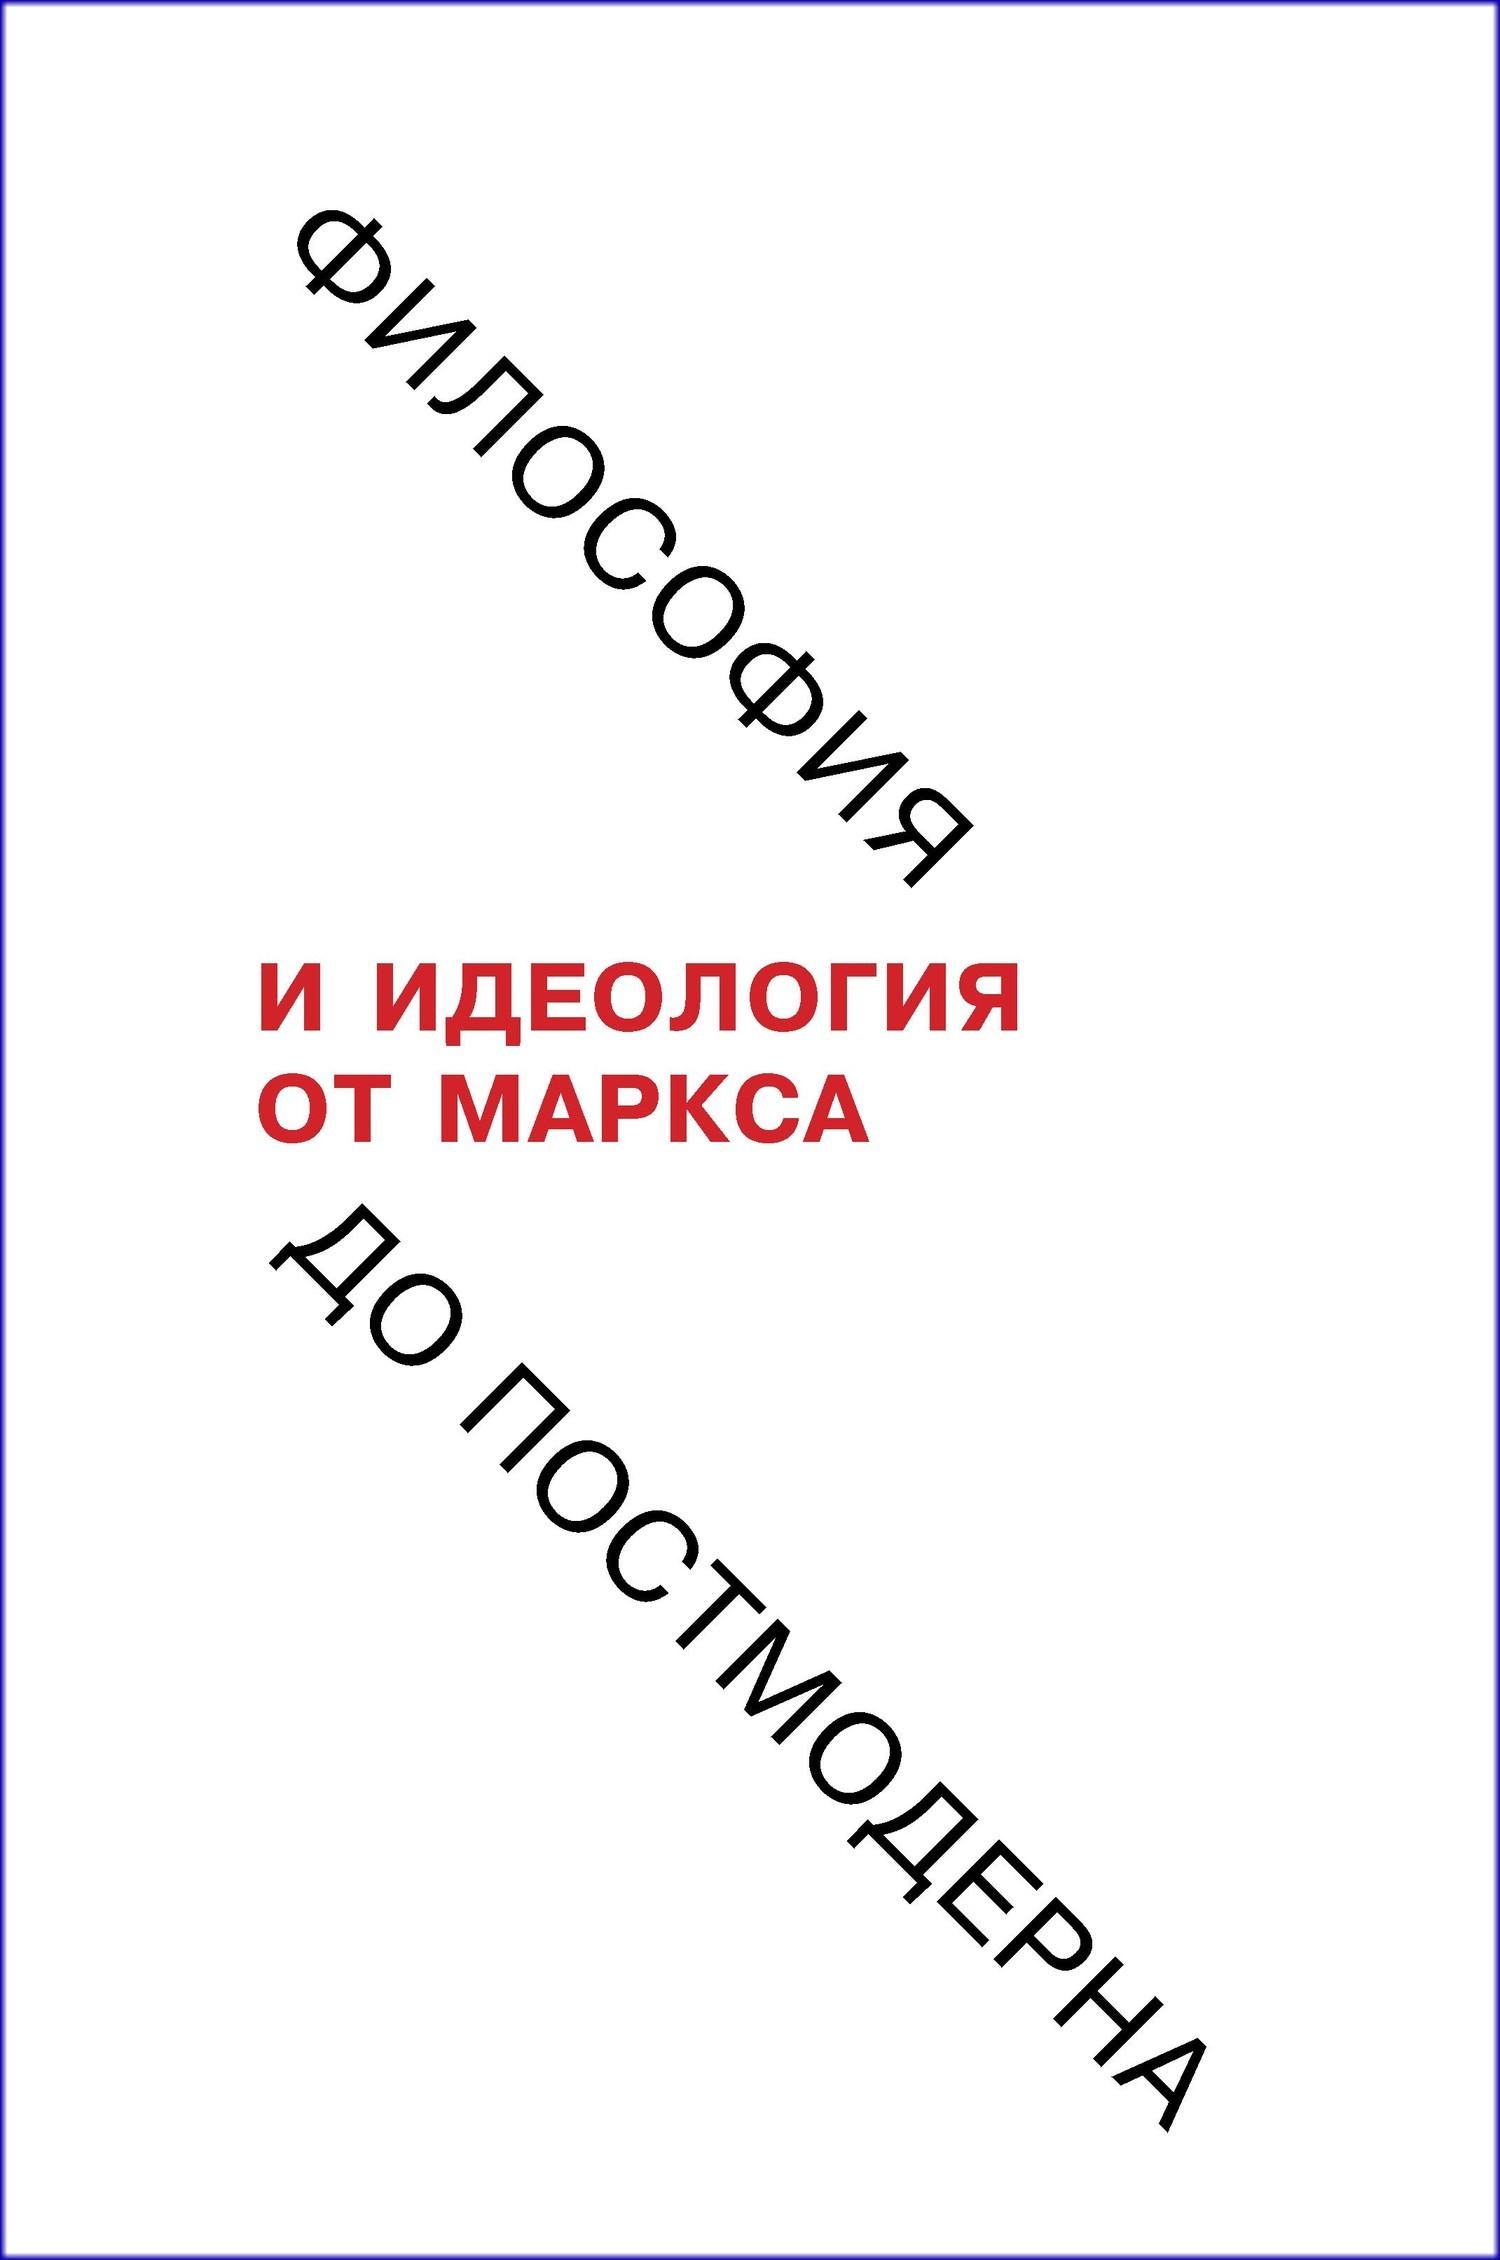 Коллектив авторов, Александр Рубцов - Философия и идеология: от Маркса до постмодерна